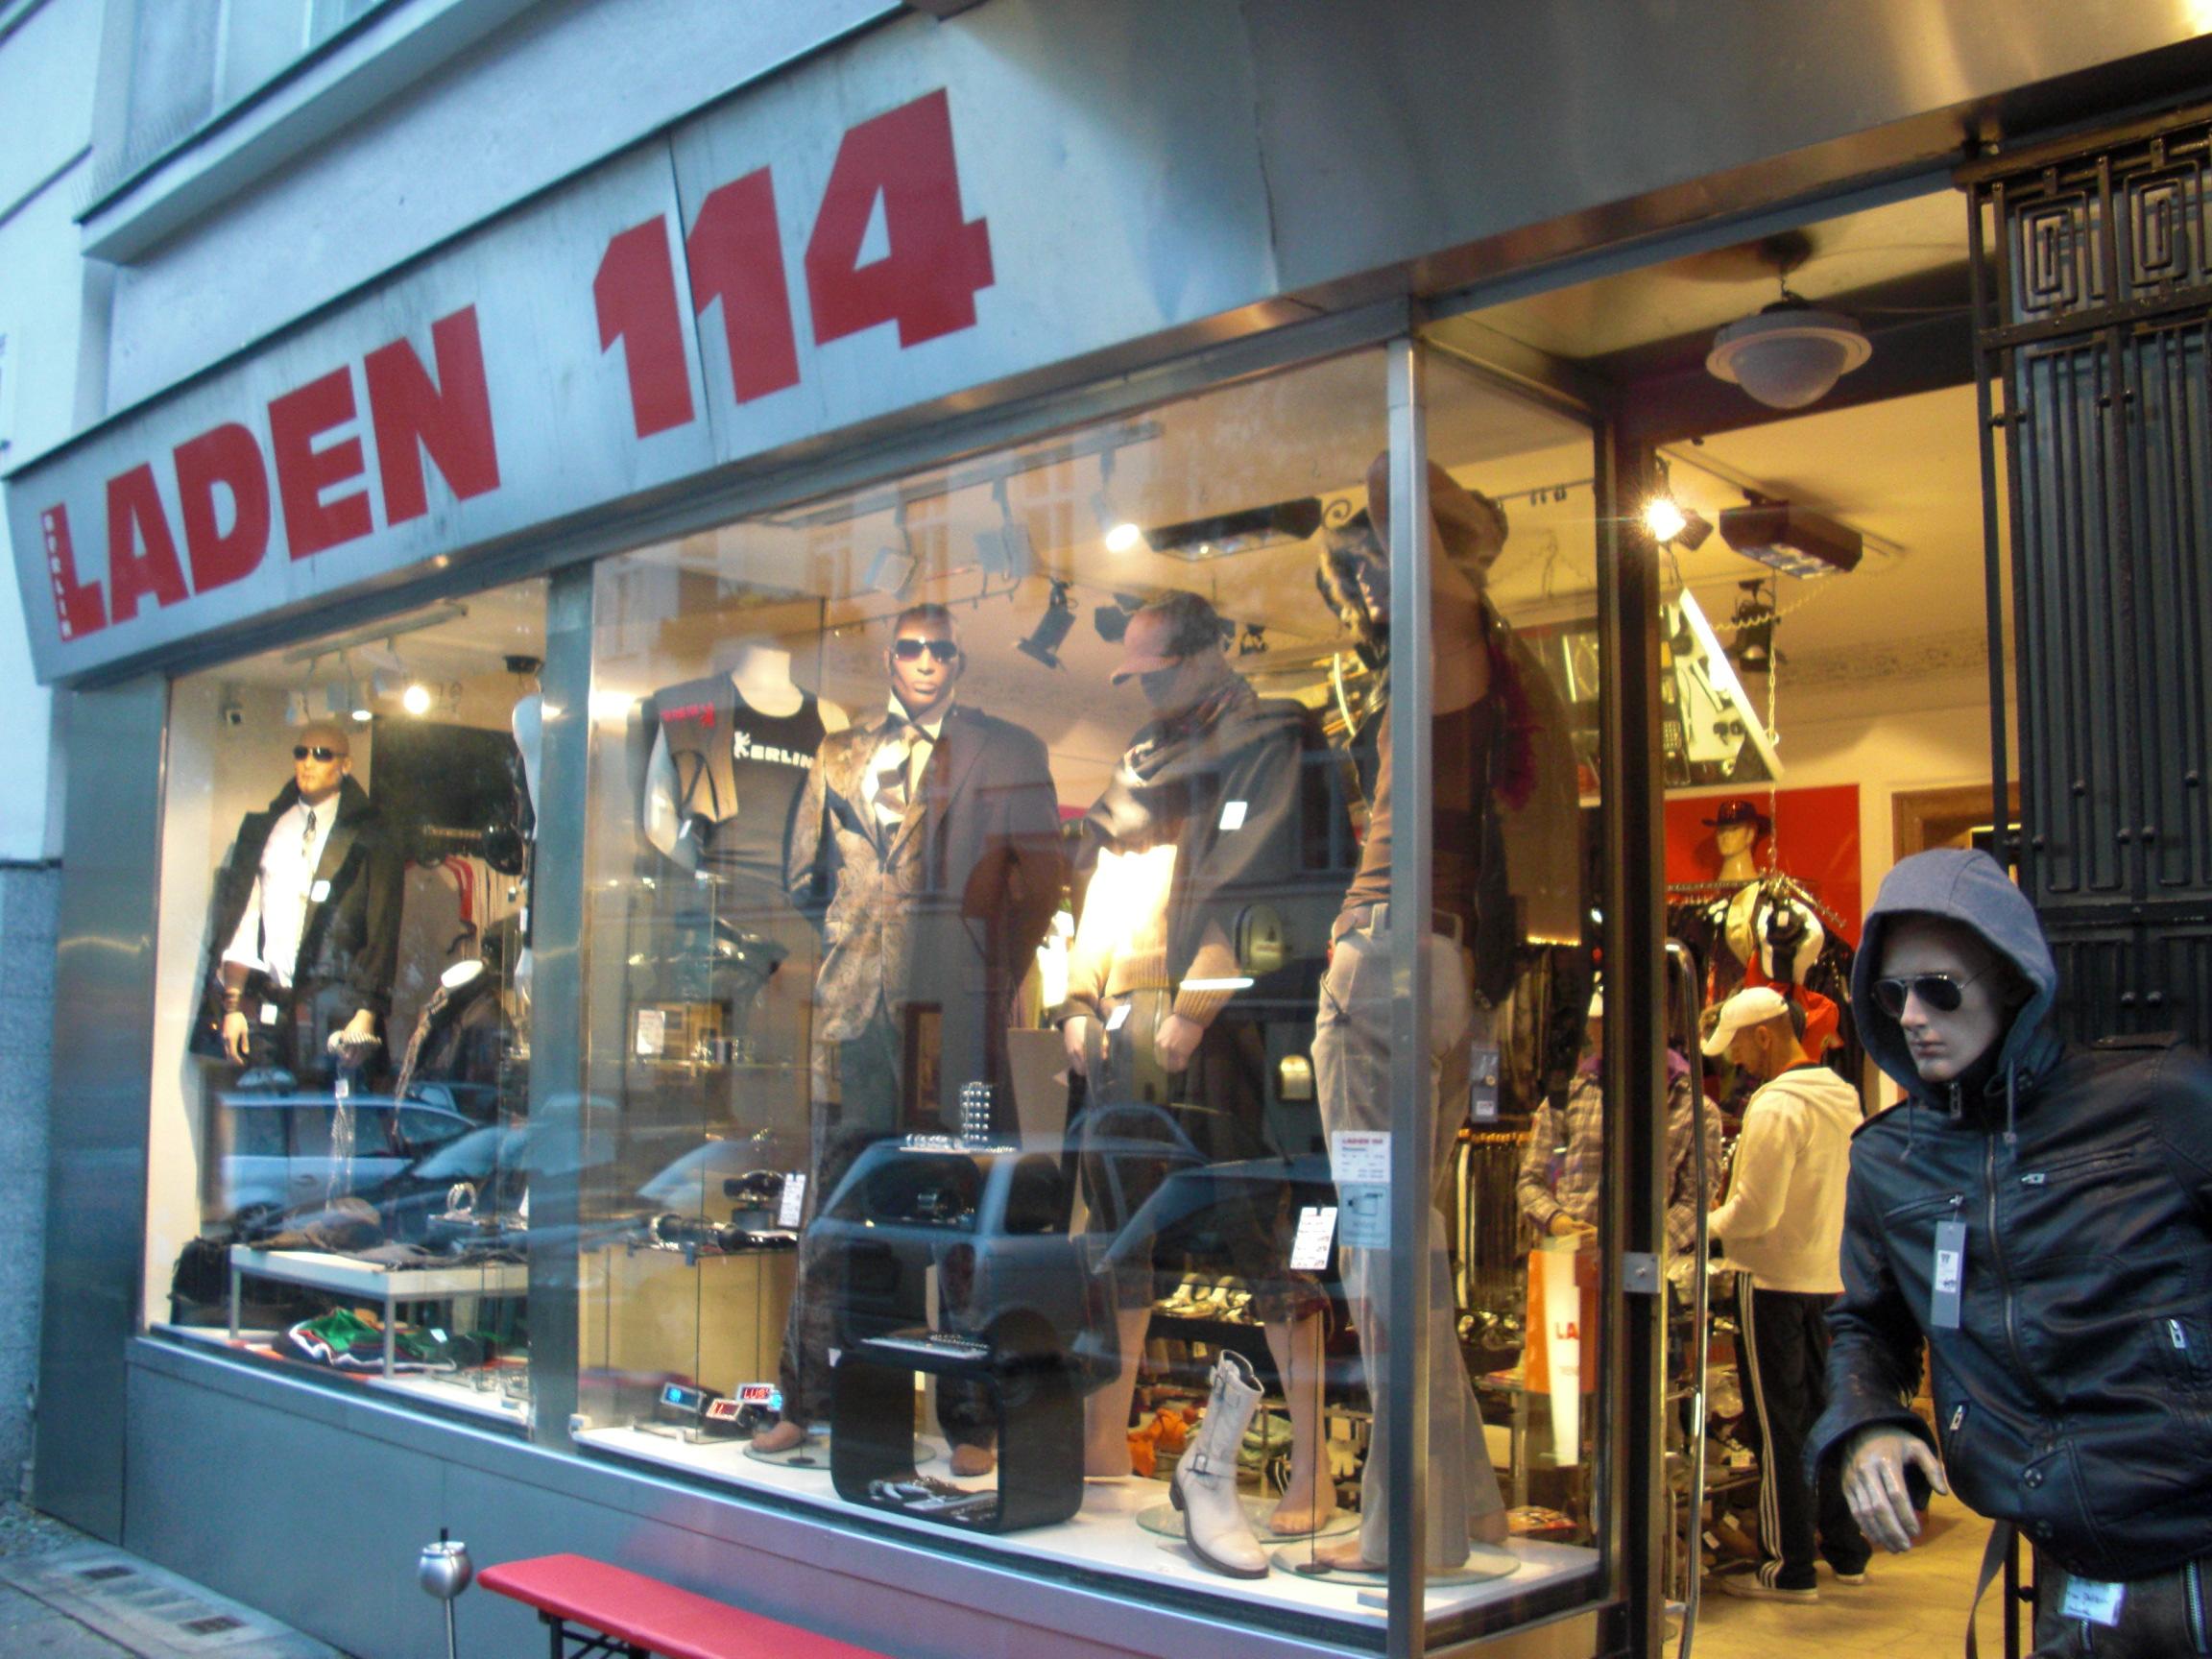 Laden 114 berlin sch neberg berlin loves you for Indischer laden berlin